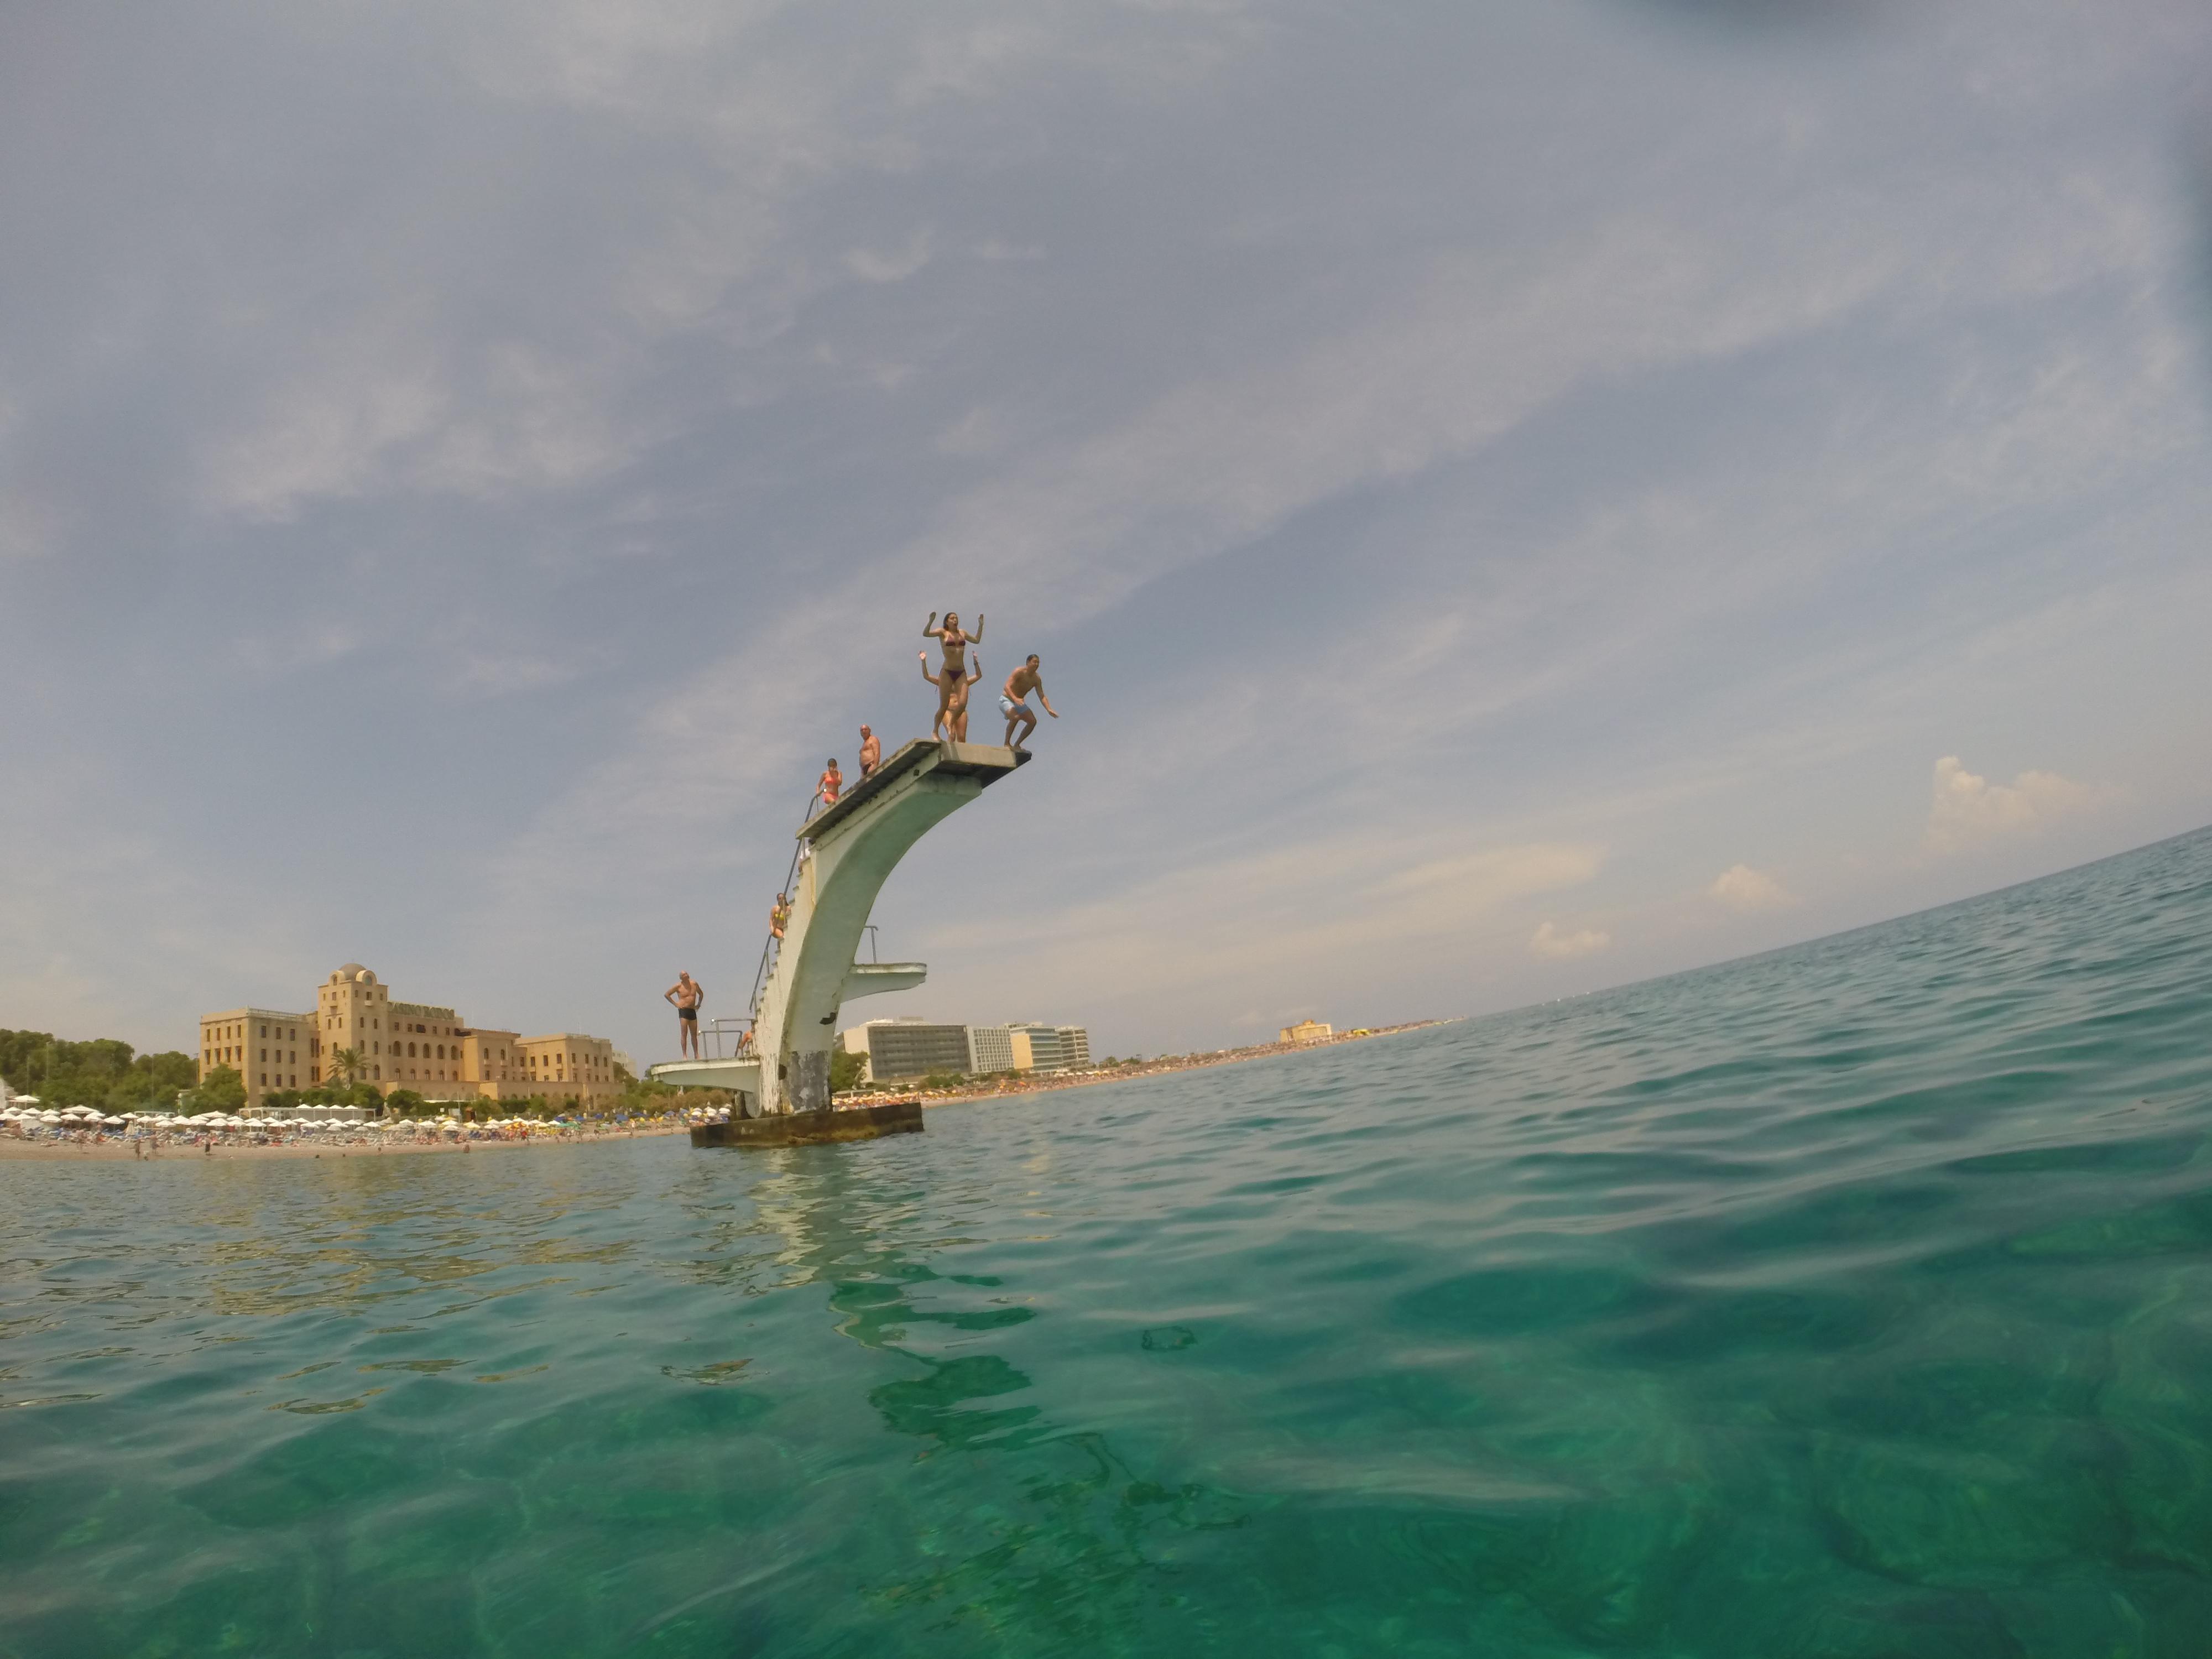 Saltar: Trampolín en Rodas